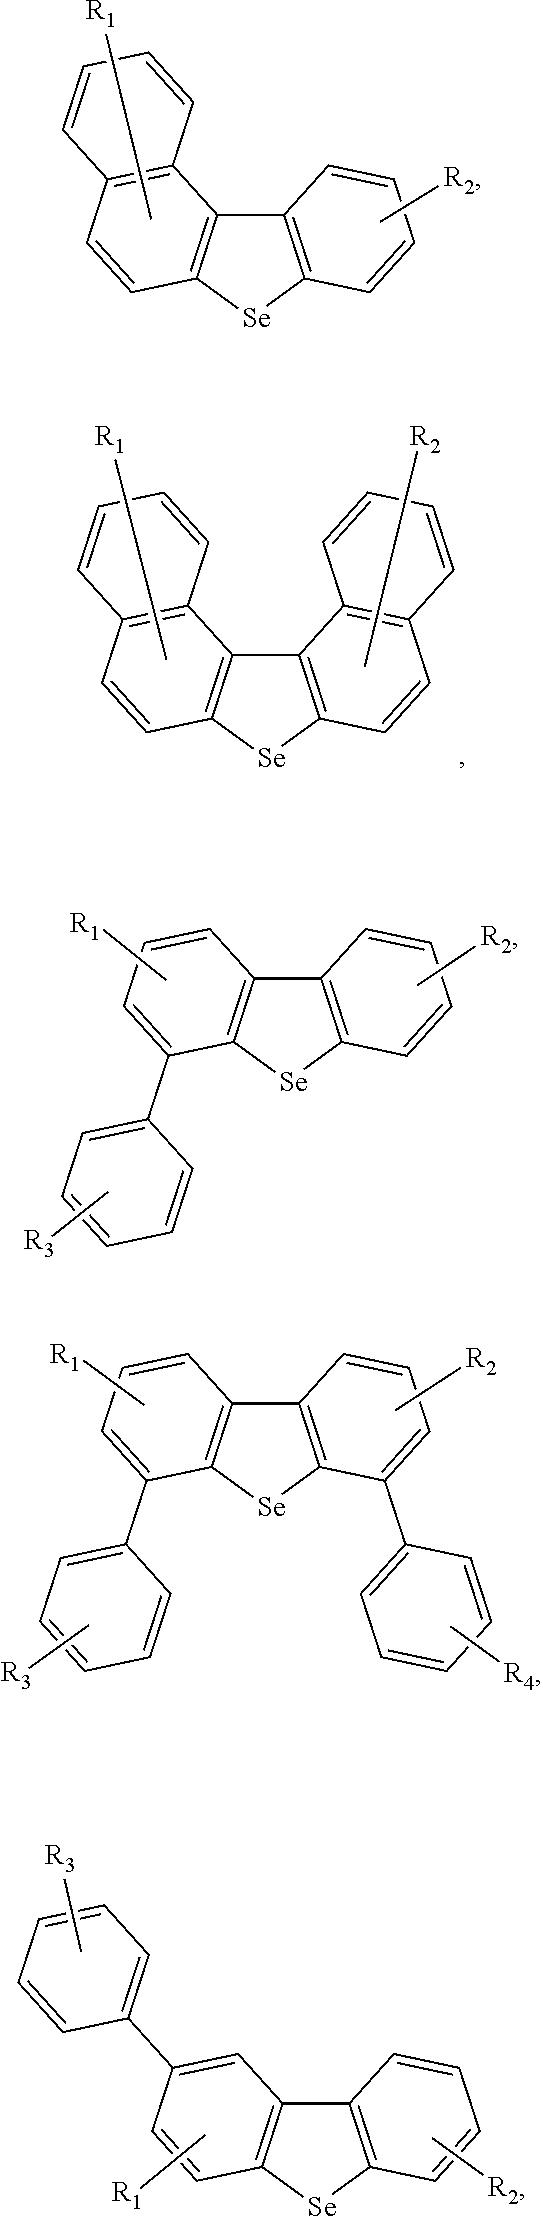 Figure US09455411-20160927-C00213